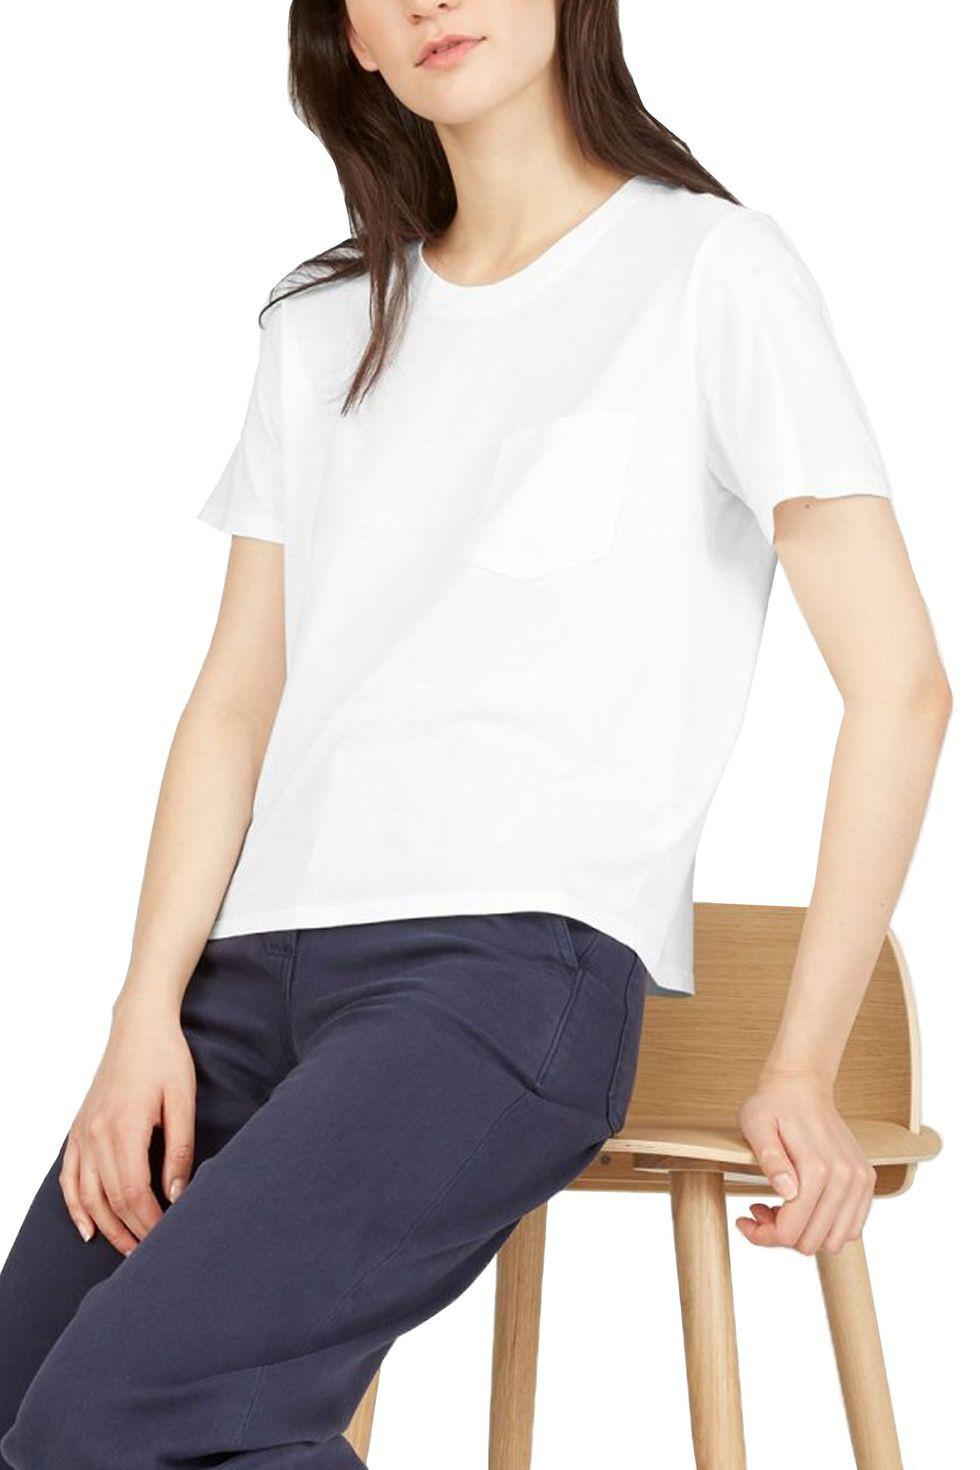 7 chiếc áo phông trắng được các BTV thời trang đánh giá là hoàn hảo, trong đó có chiếc chỉ hơn 200k - Ảnh 3.